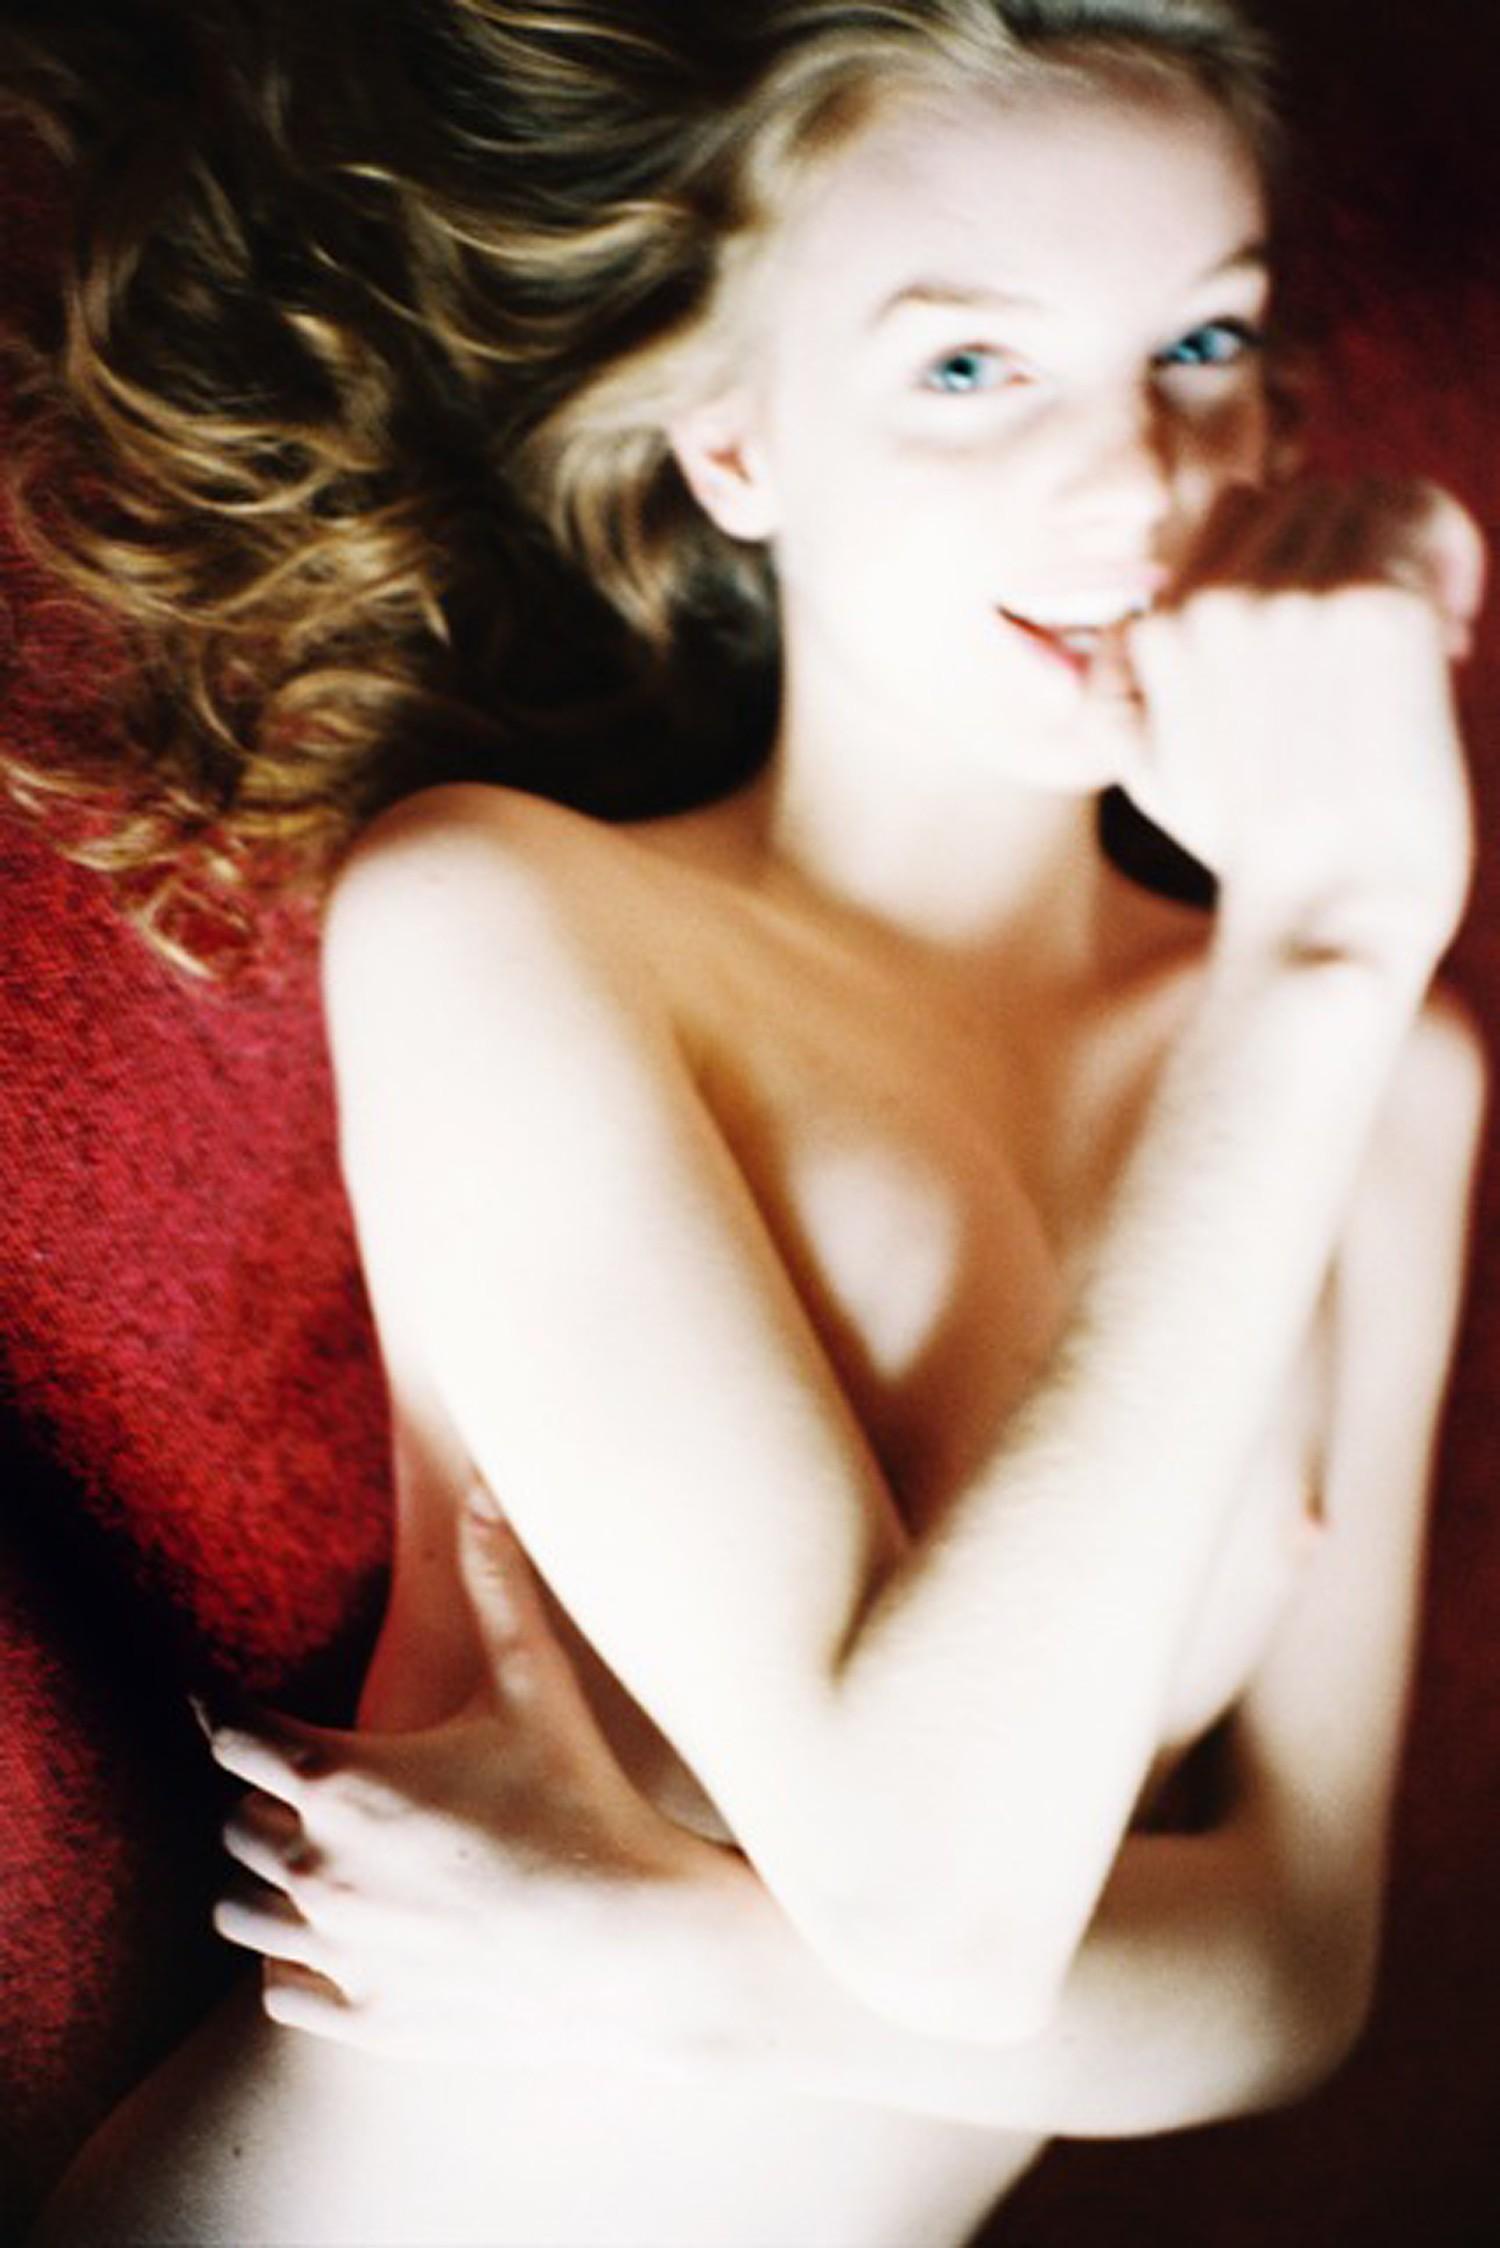 nude mature women in art